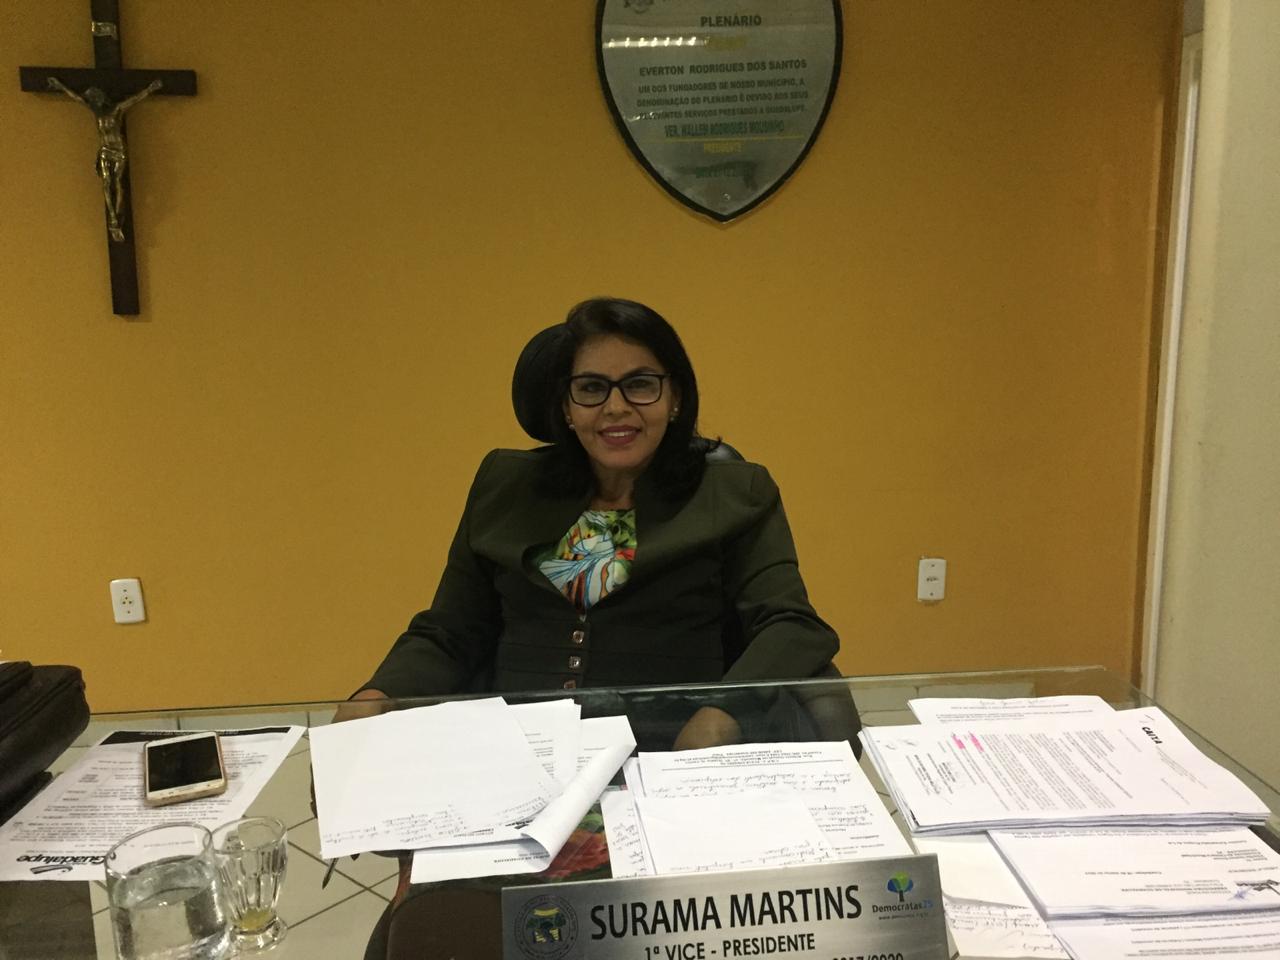 Vereadora Surama Martins (DEM) Desafia Prefeita, Vereadores e lideranças politicas se a mesma já tenha pedido propina para votar em Projetos